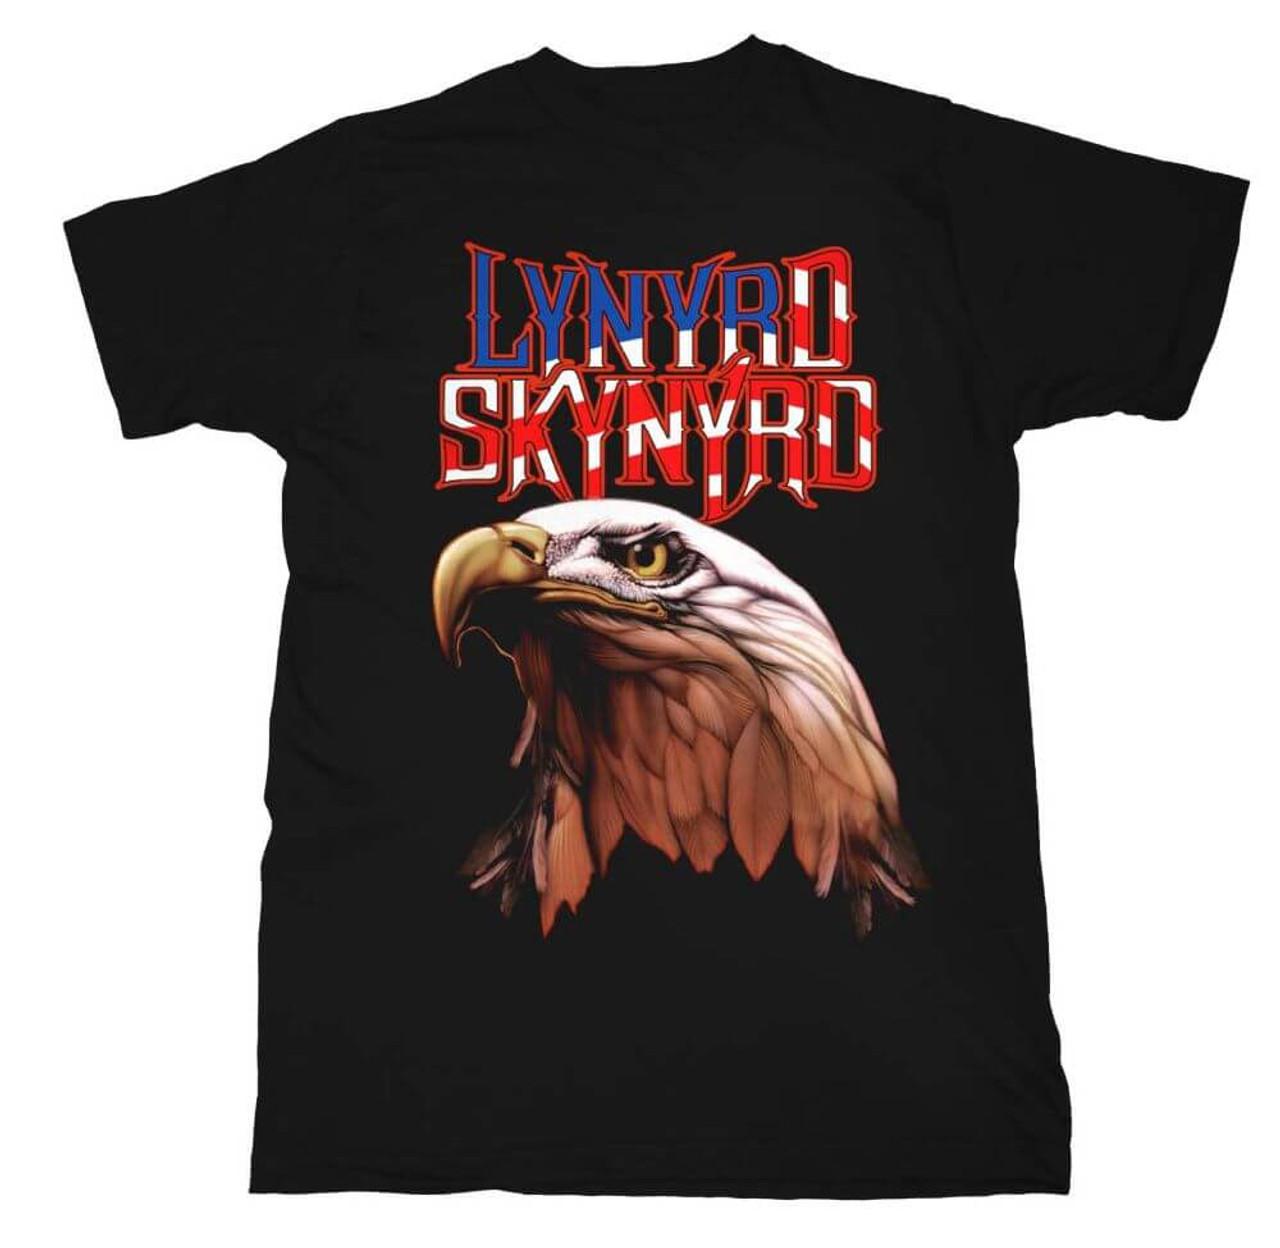 Lynyrd Skynyrd T-shirt - Logo with American Bald Eagle  Men's Black Shirt